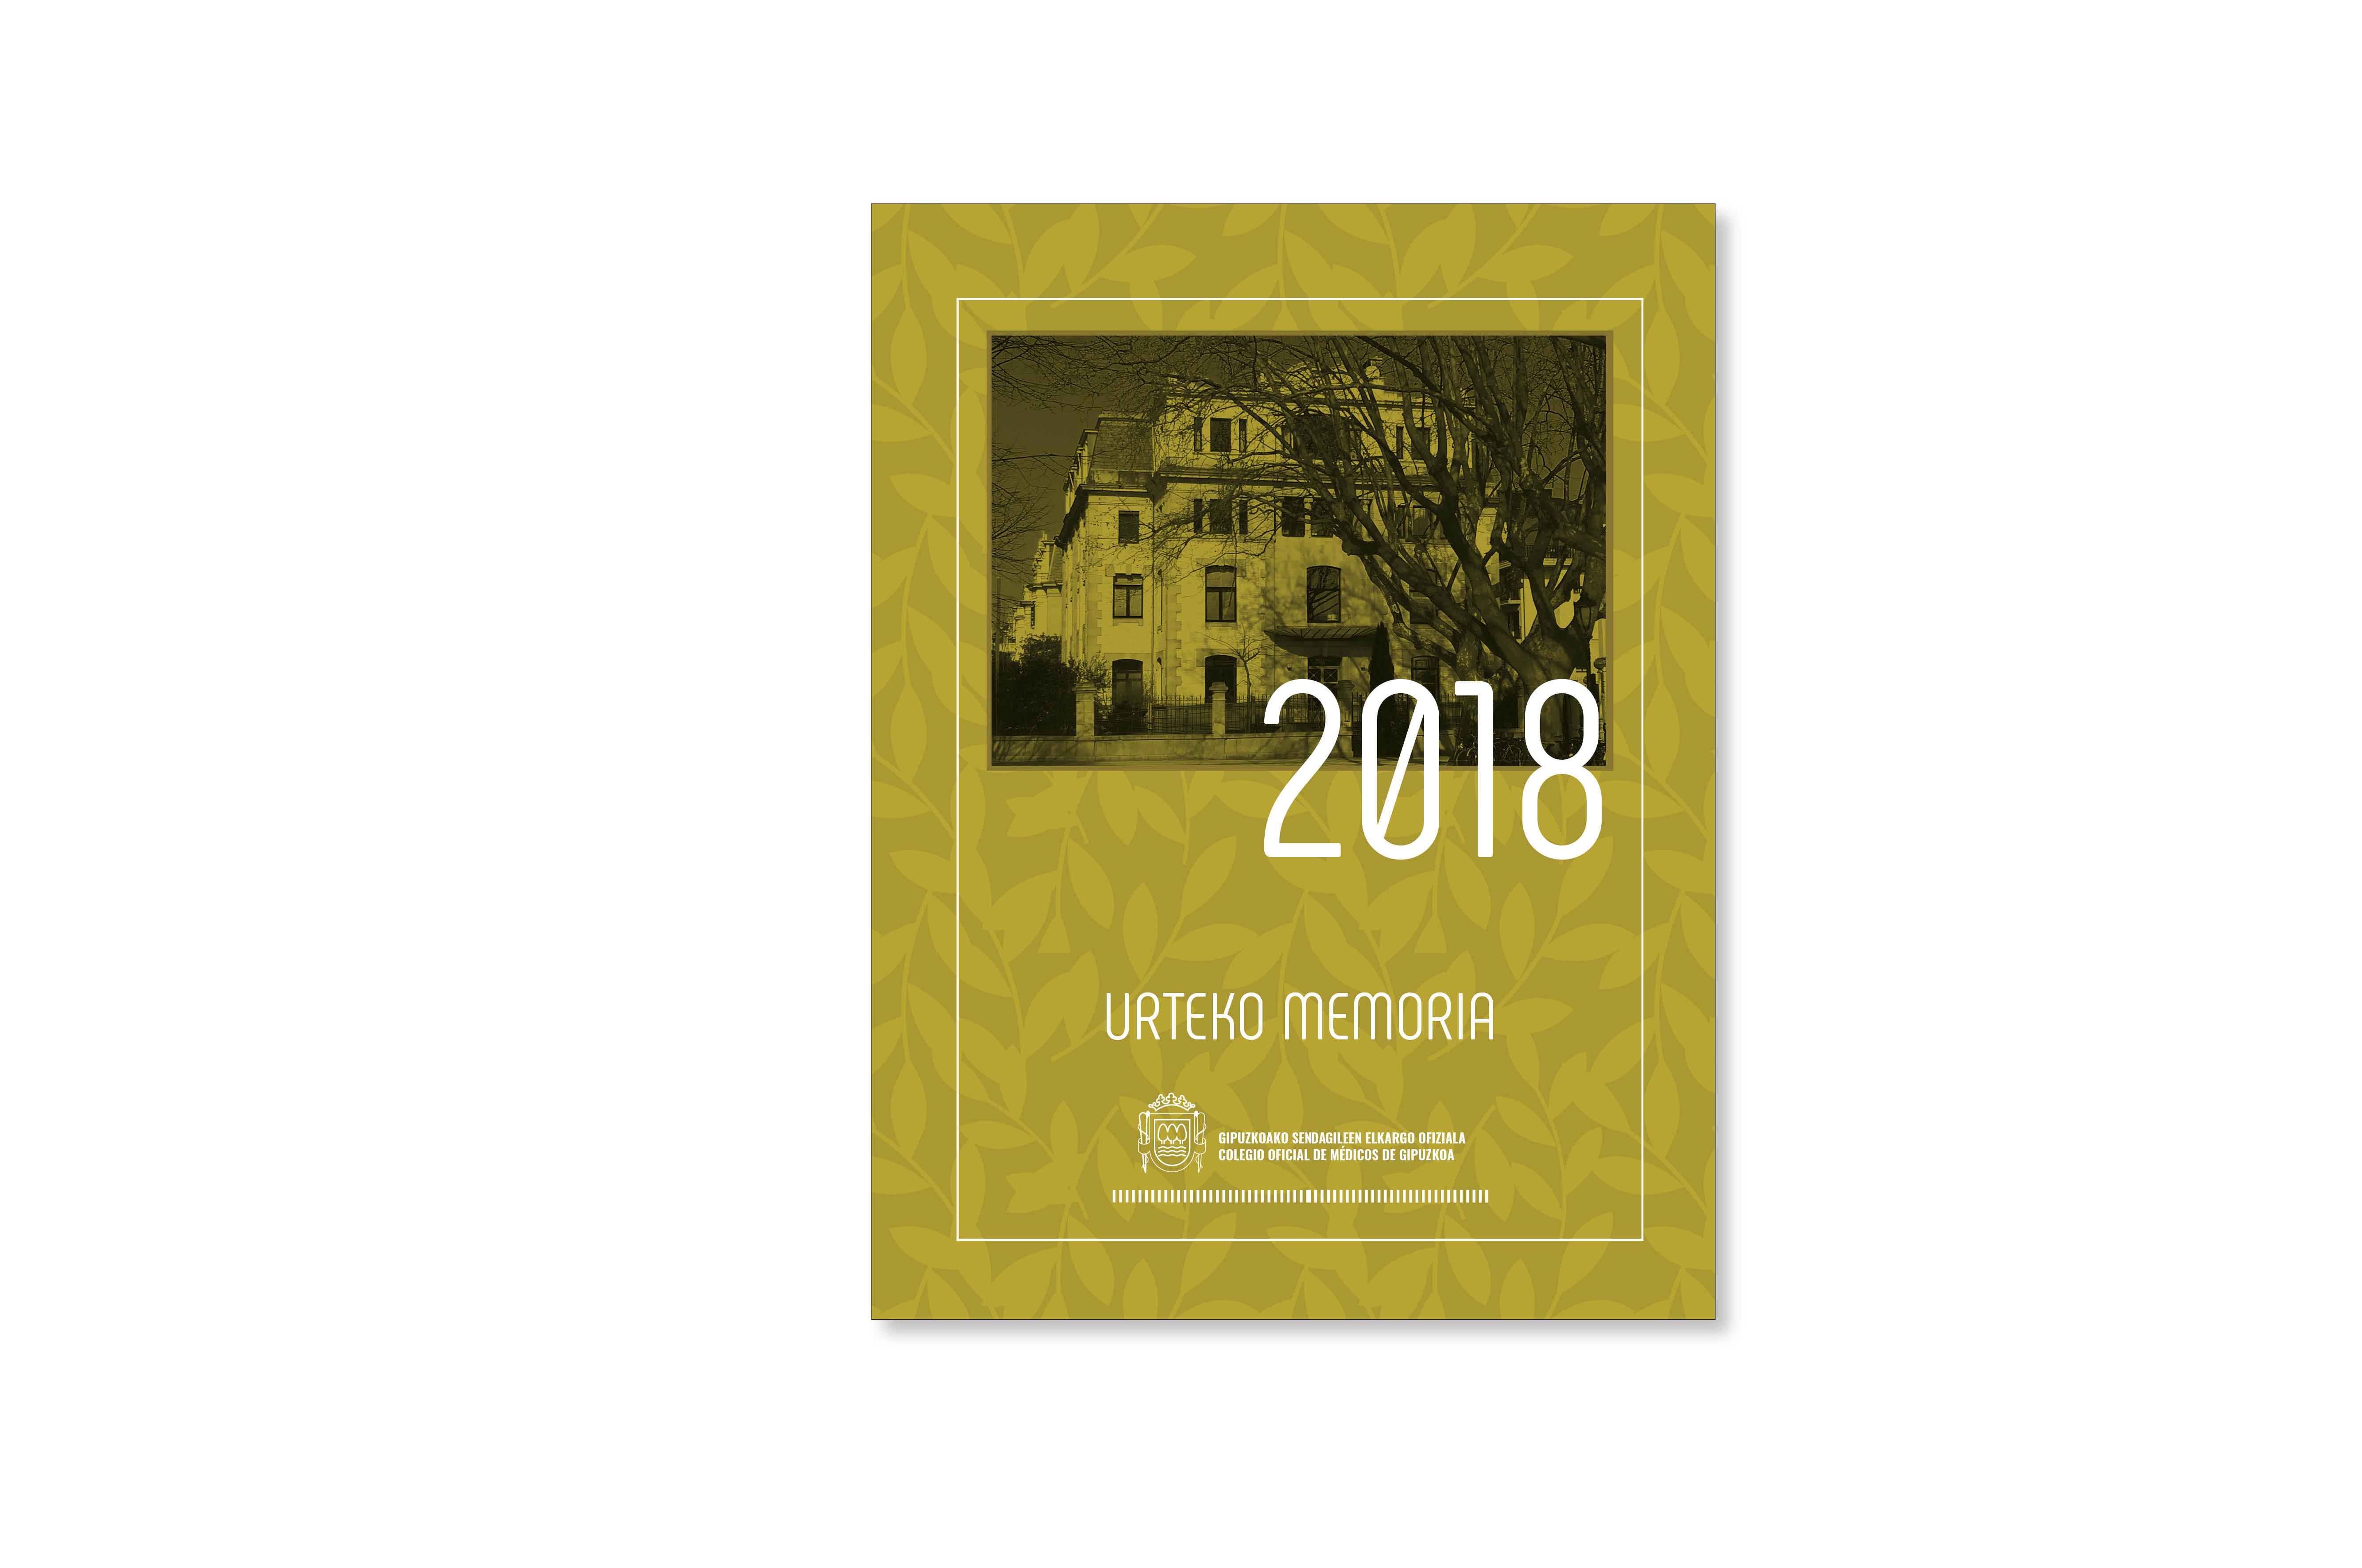 COMGI urteko memoria 2018